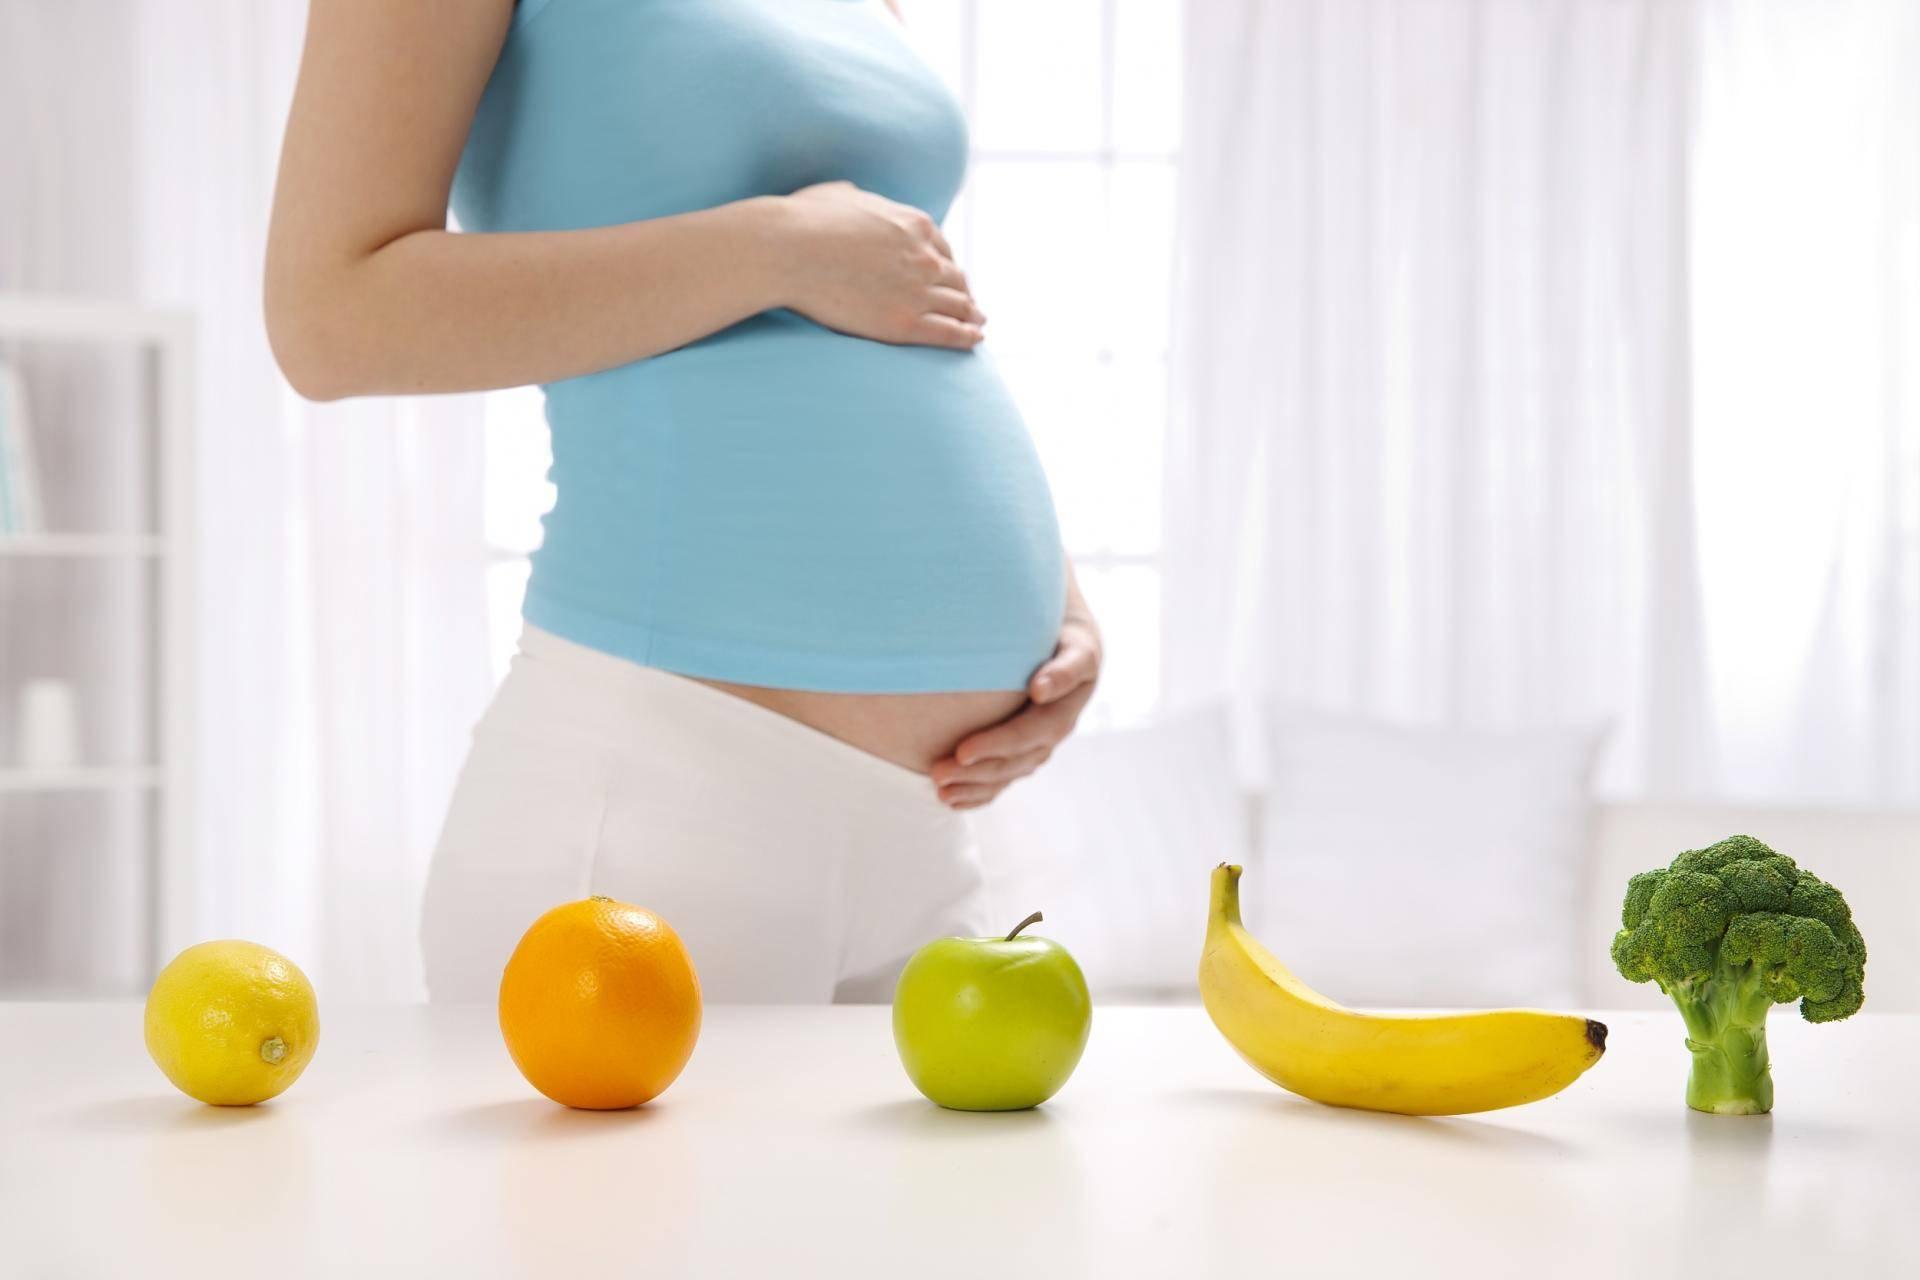 Дыня при беременности: можно ли есть на ранних и поздних сроках, польза и вред, отзывы, чем полезна, сушеная, противопоказания